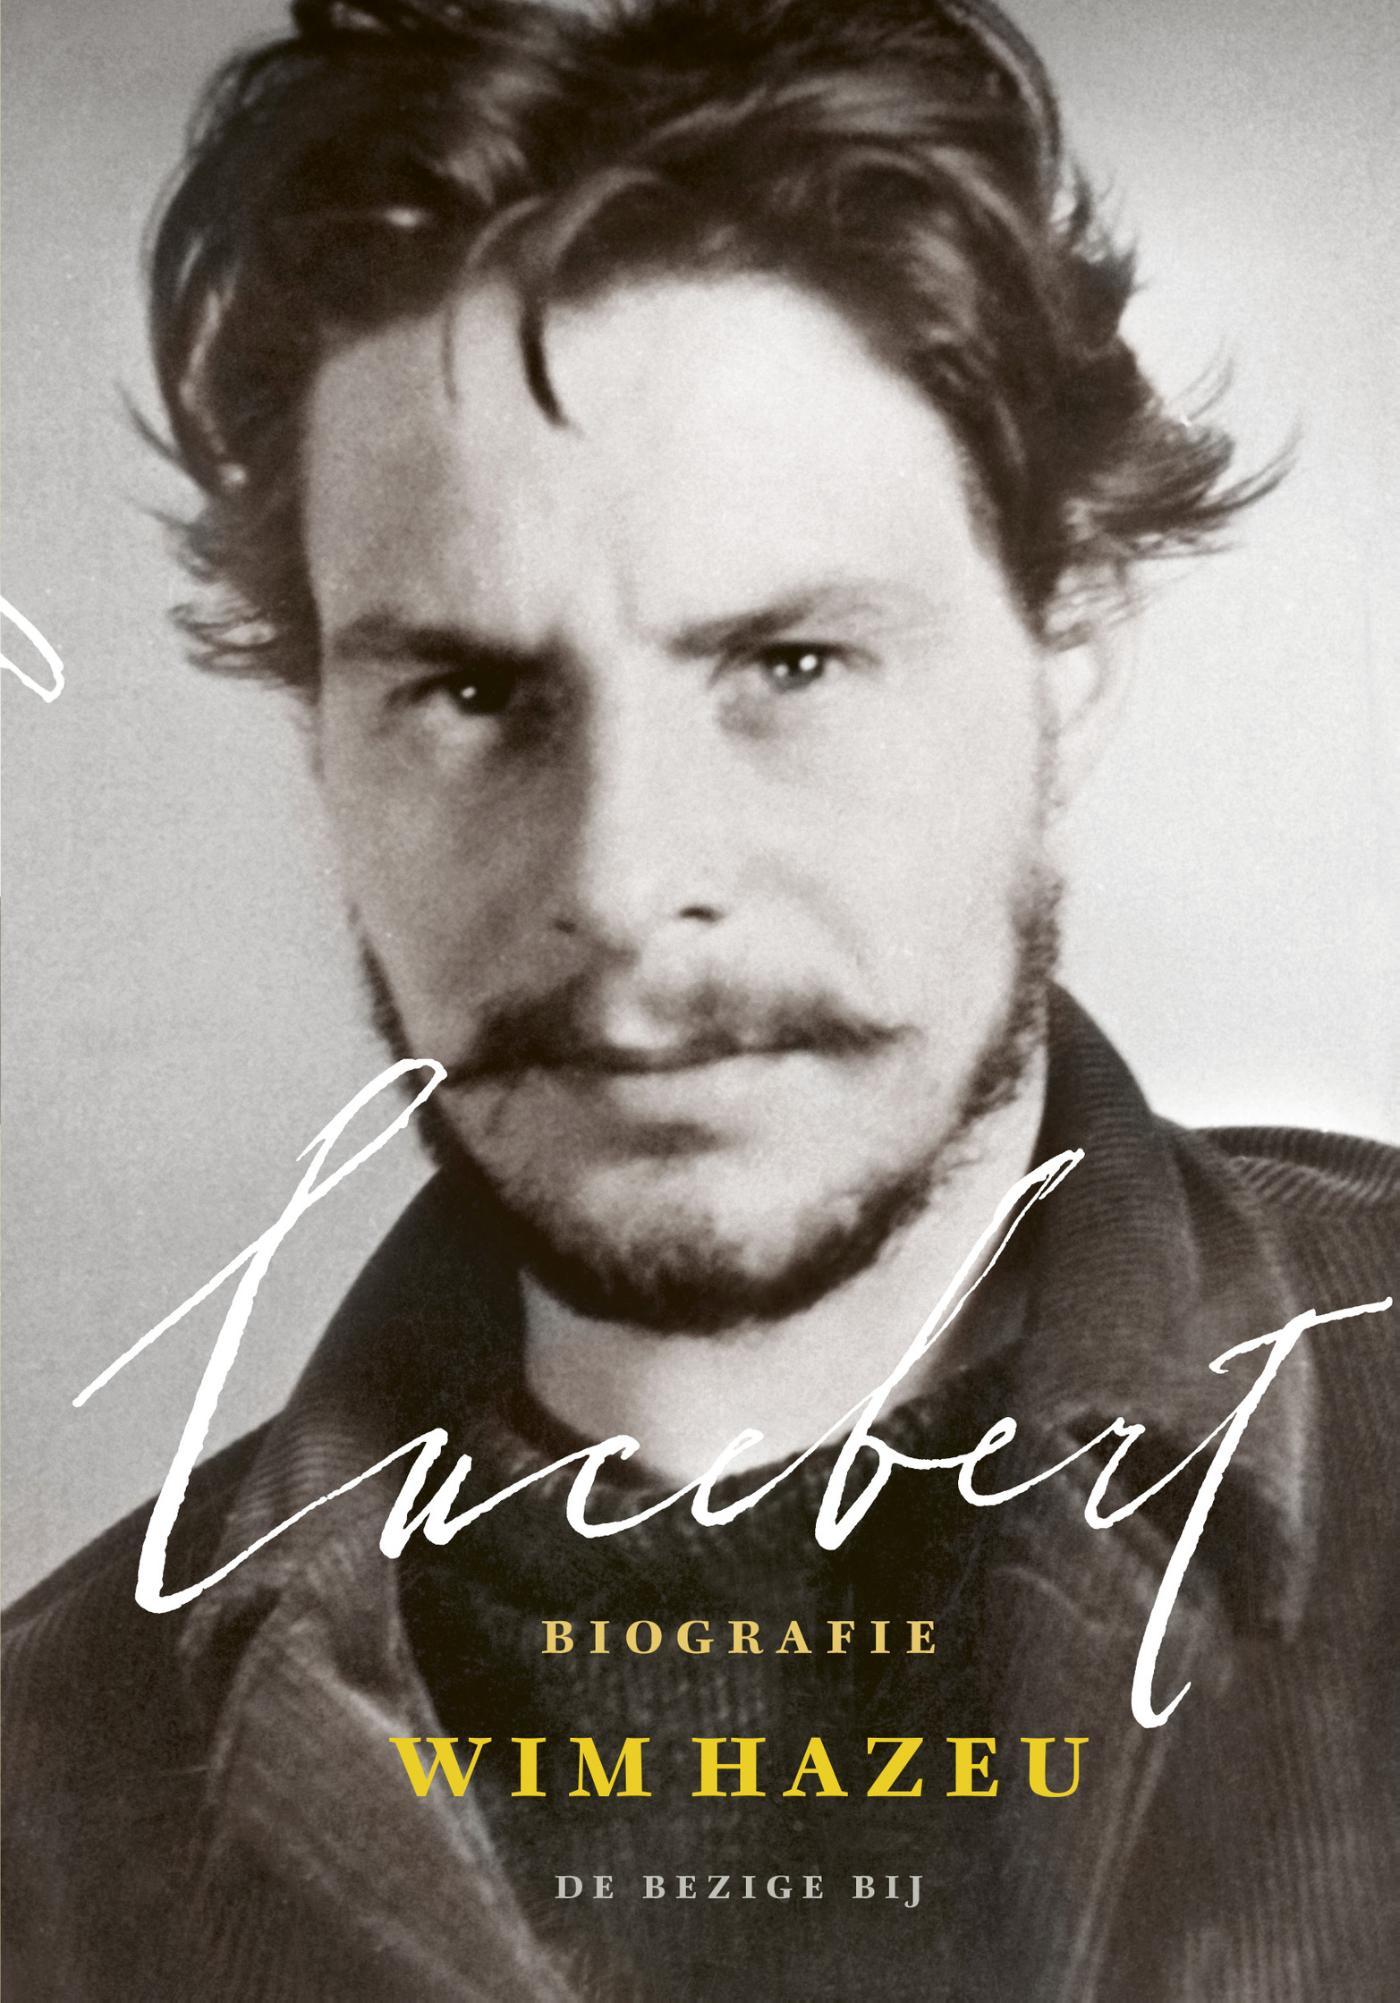 Biografie Lucebert